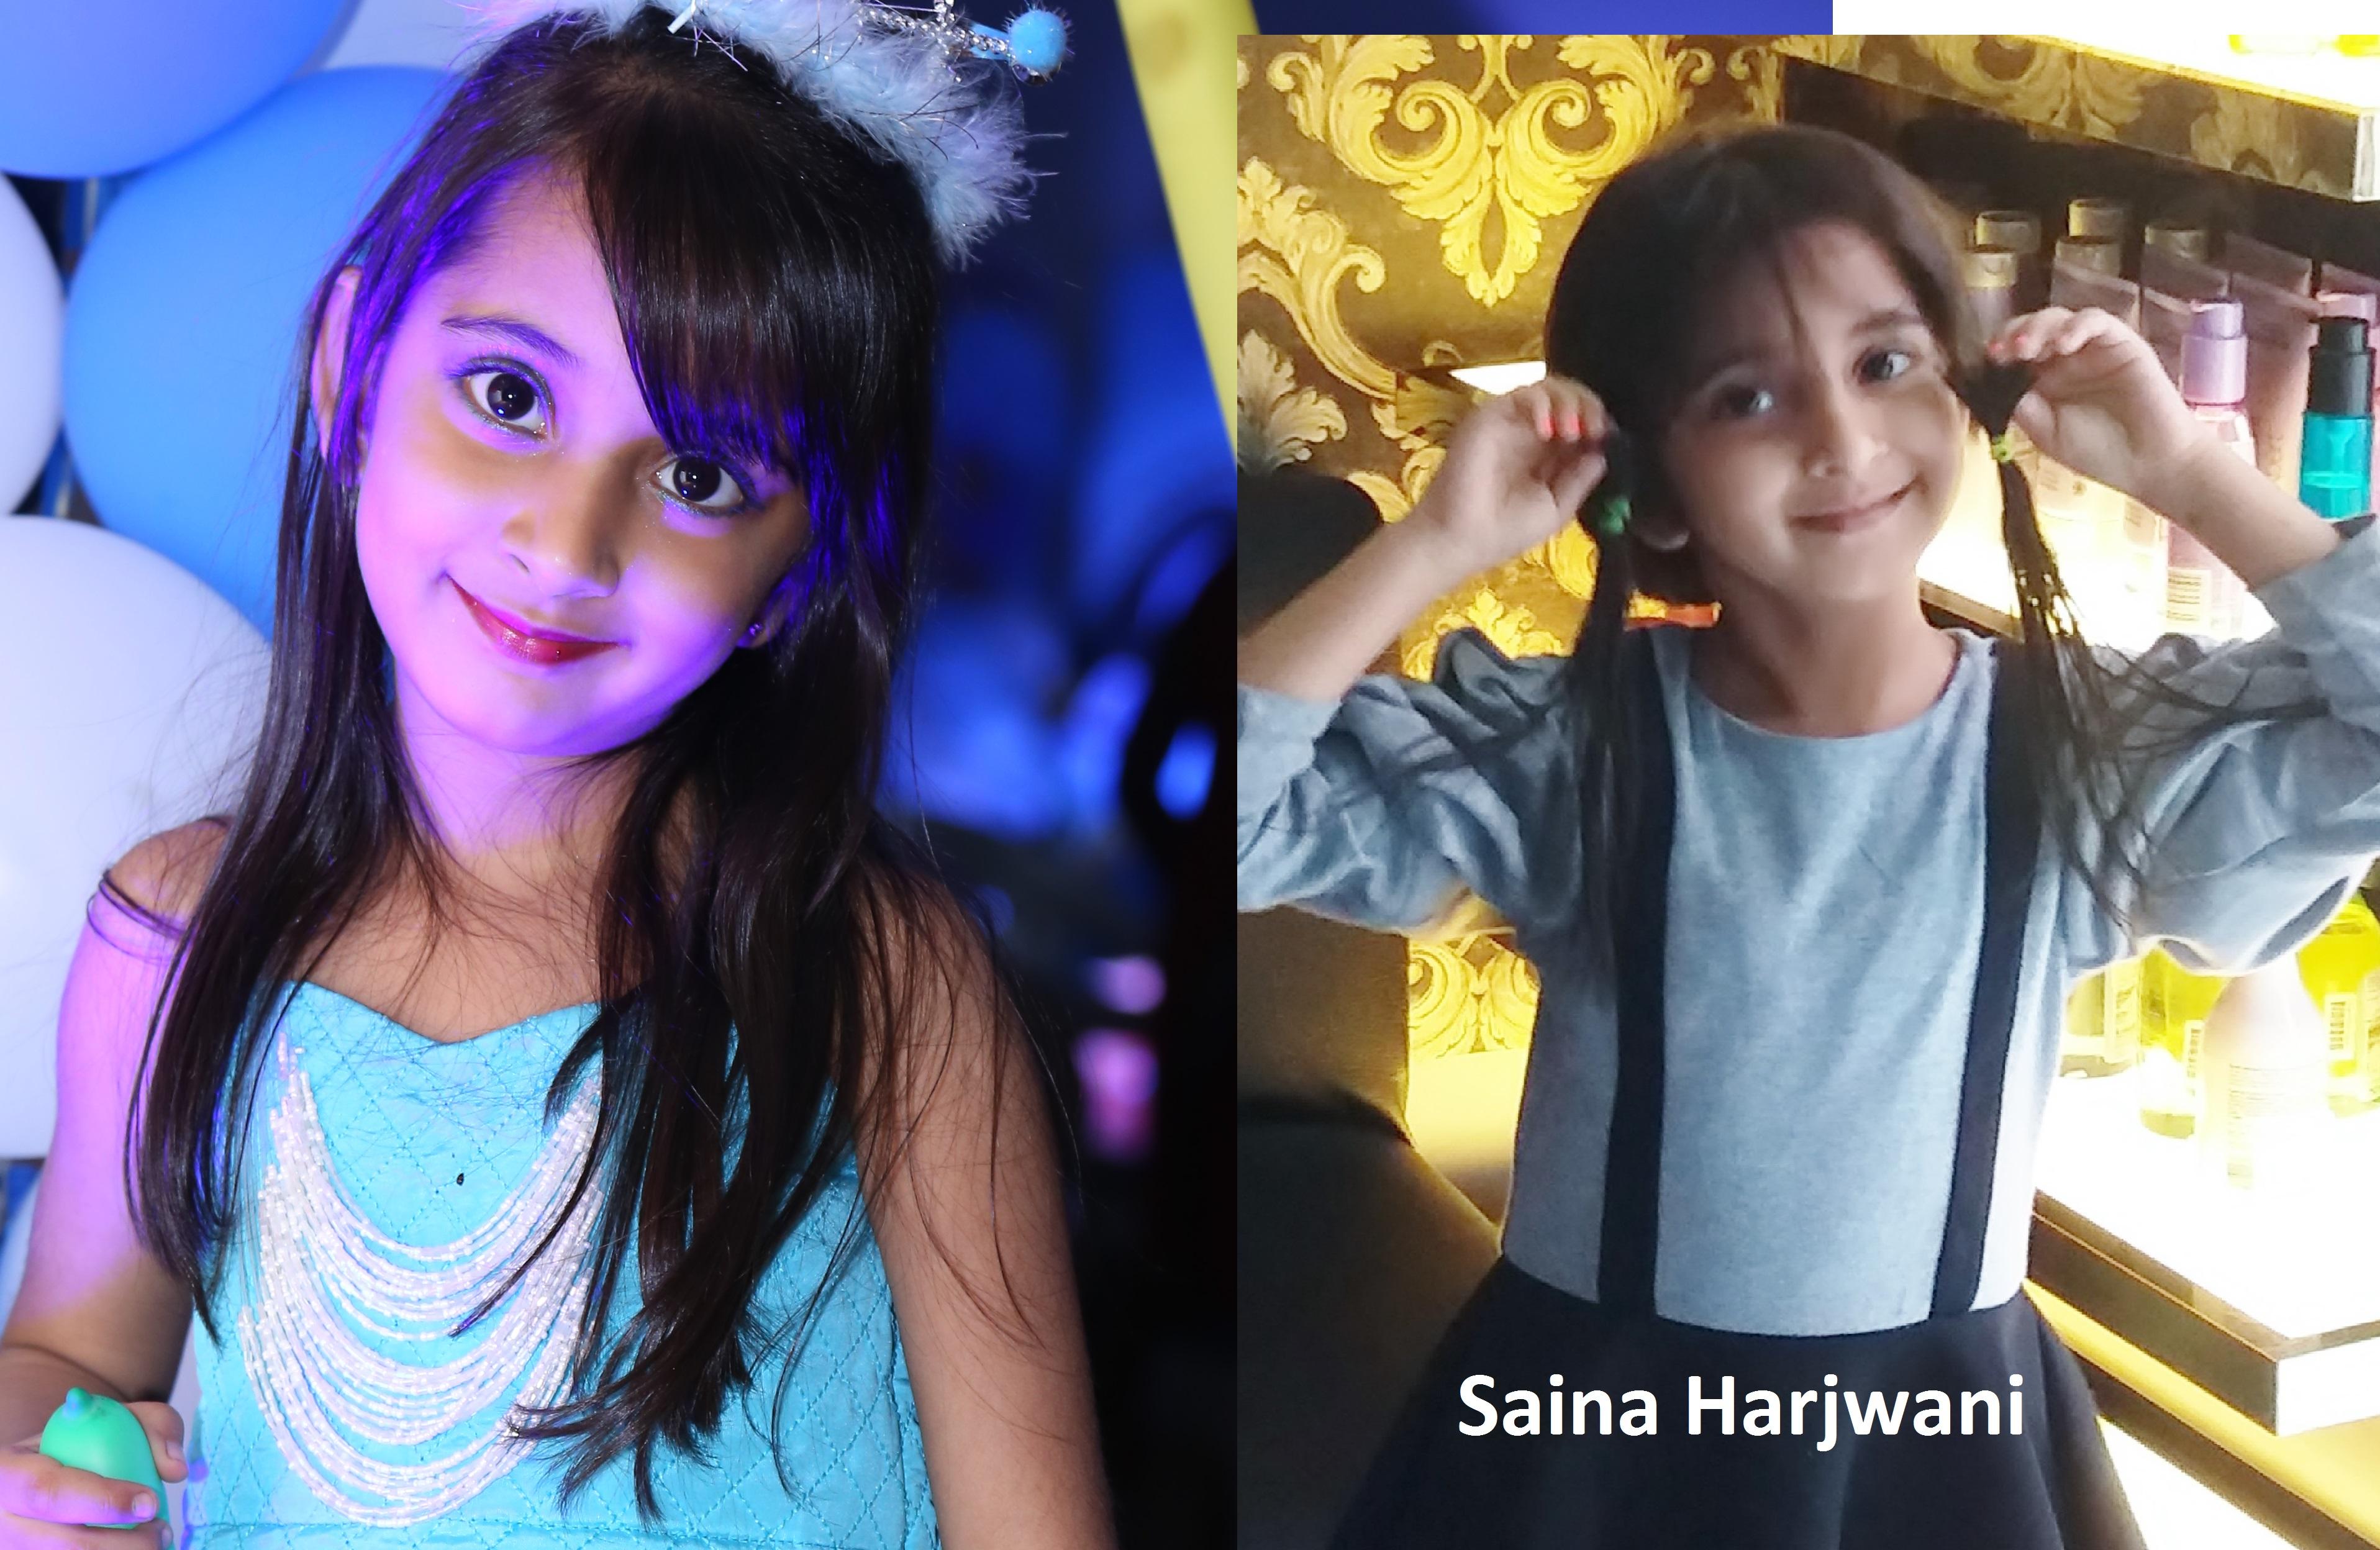 Saina Harjwani